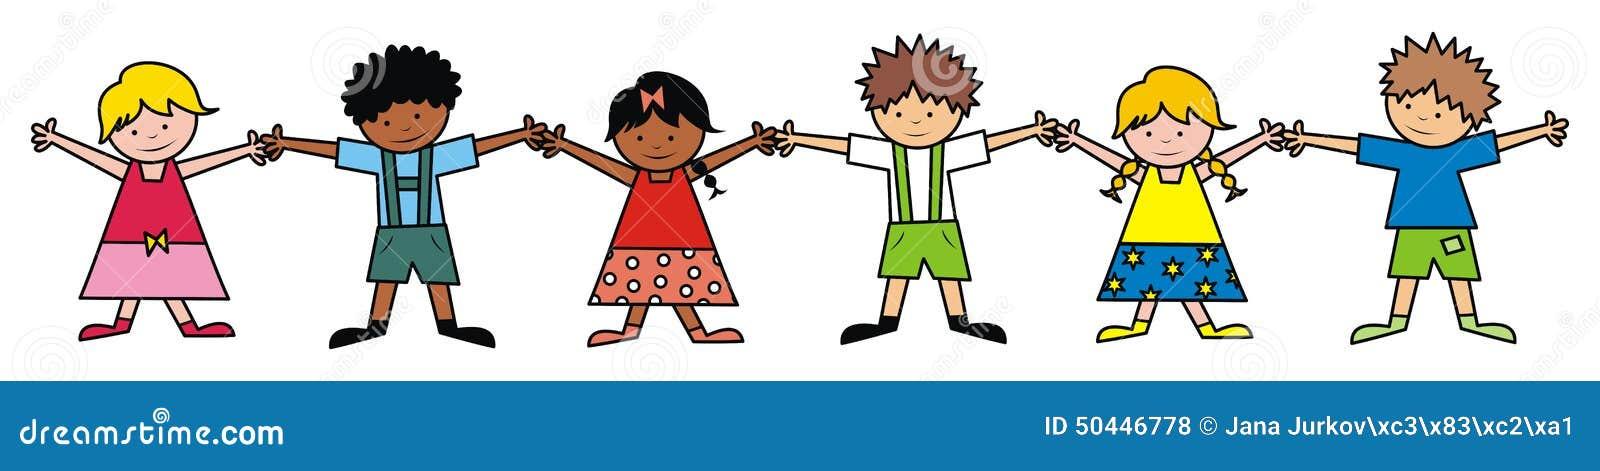 Niños, línea, color ilustración del vector. Ilustración de chaval ...